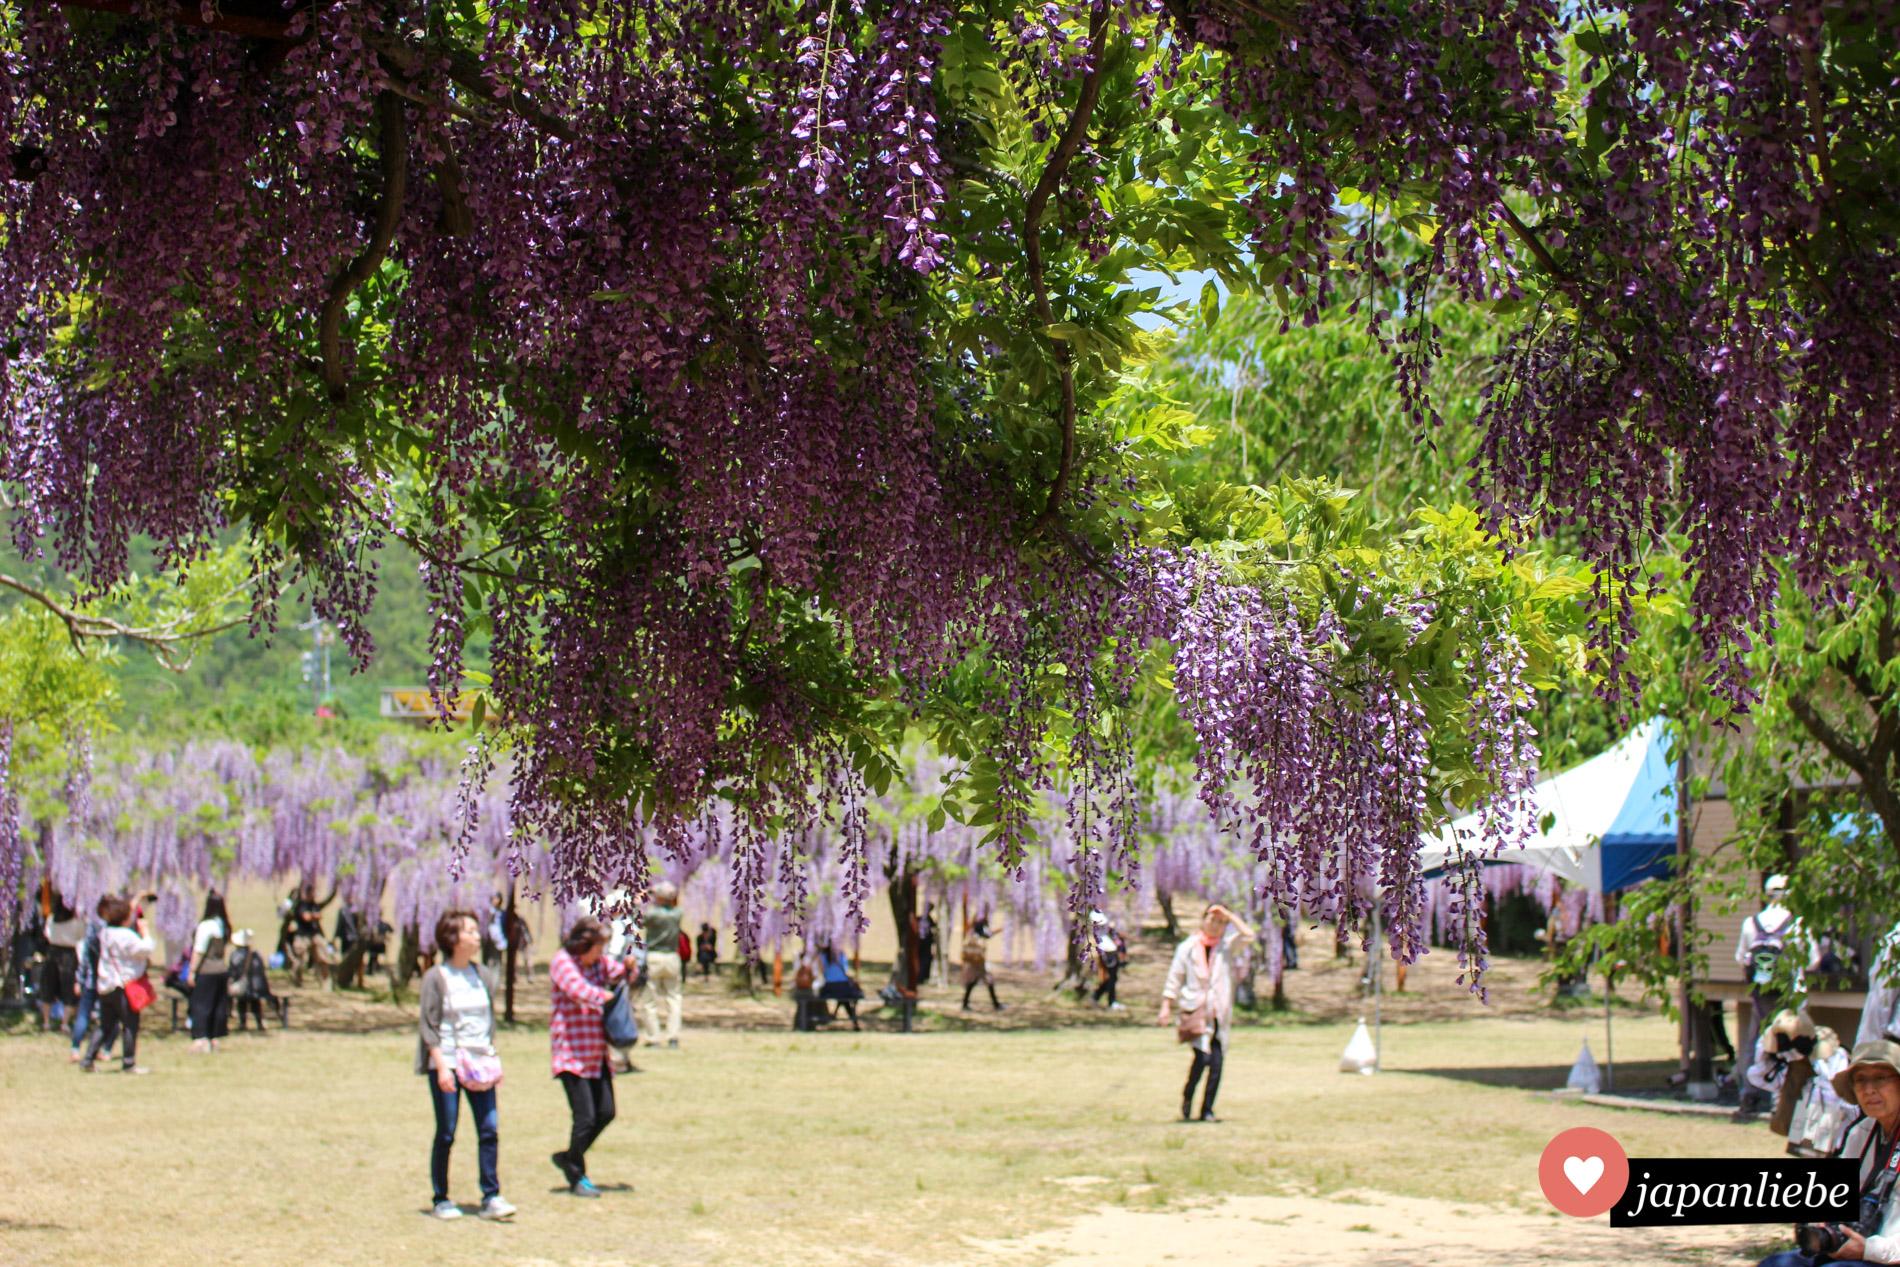 Über 100 verschiedene Glyzinienarten im Fuji Park in der Stadt Wake bei Okayama bieten im Mai ein herrliches Farbenspiel.